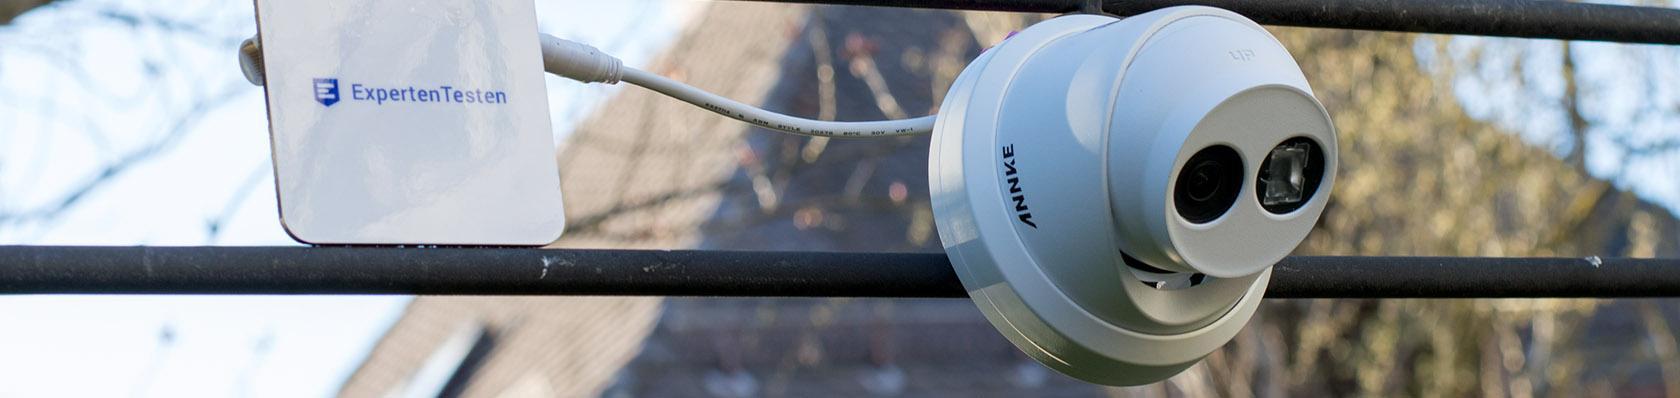 IP-Kameras im Test auf ExpertenTesten.de